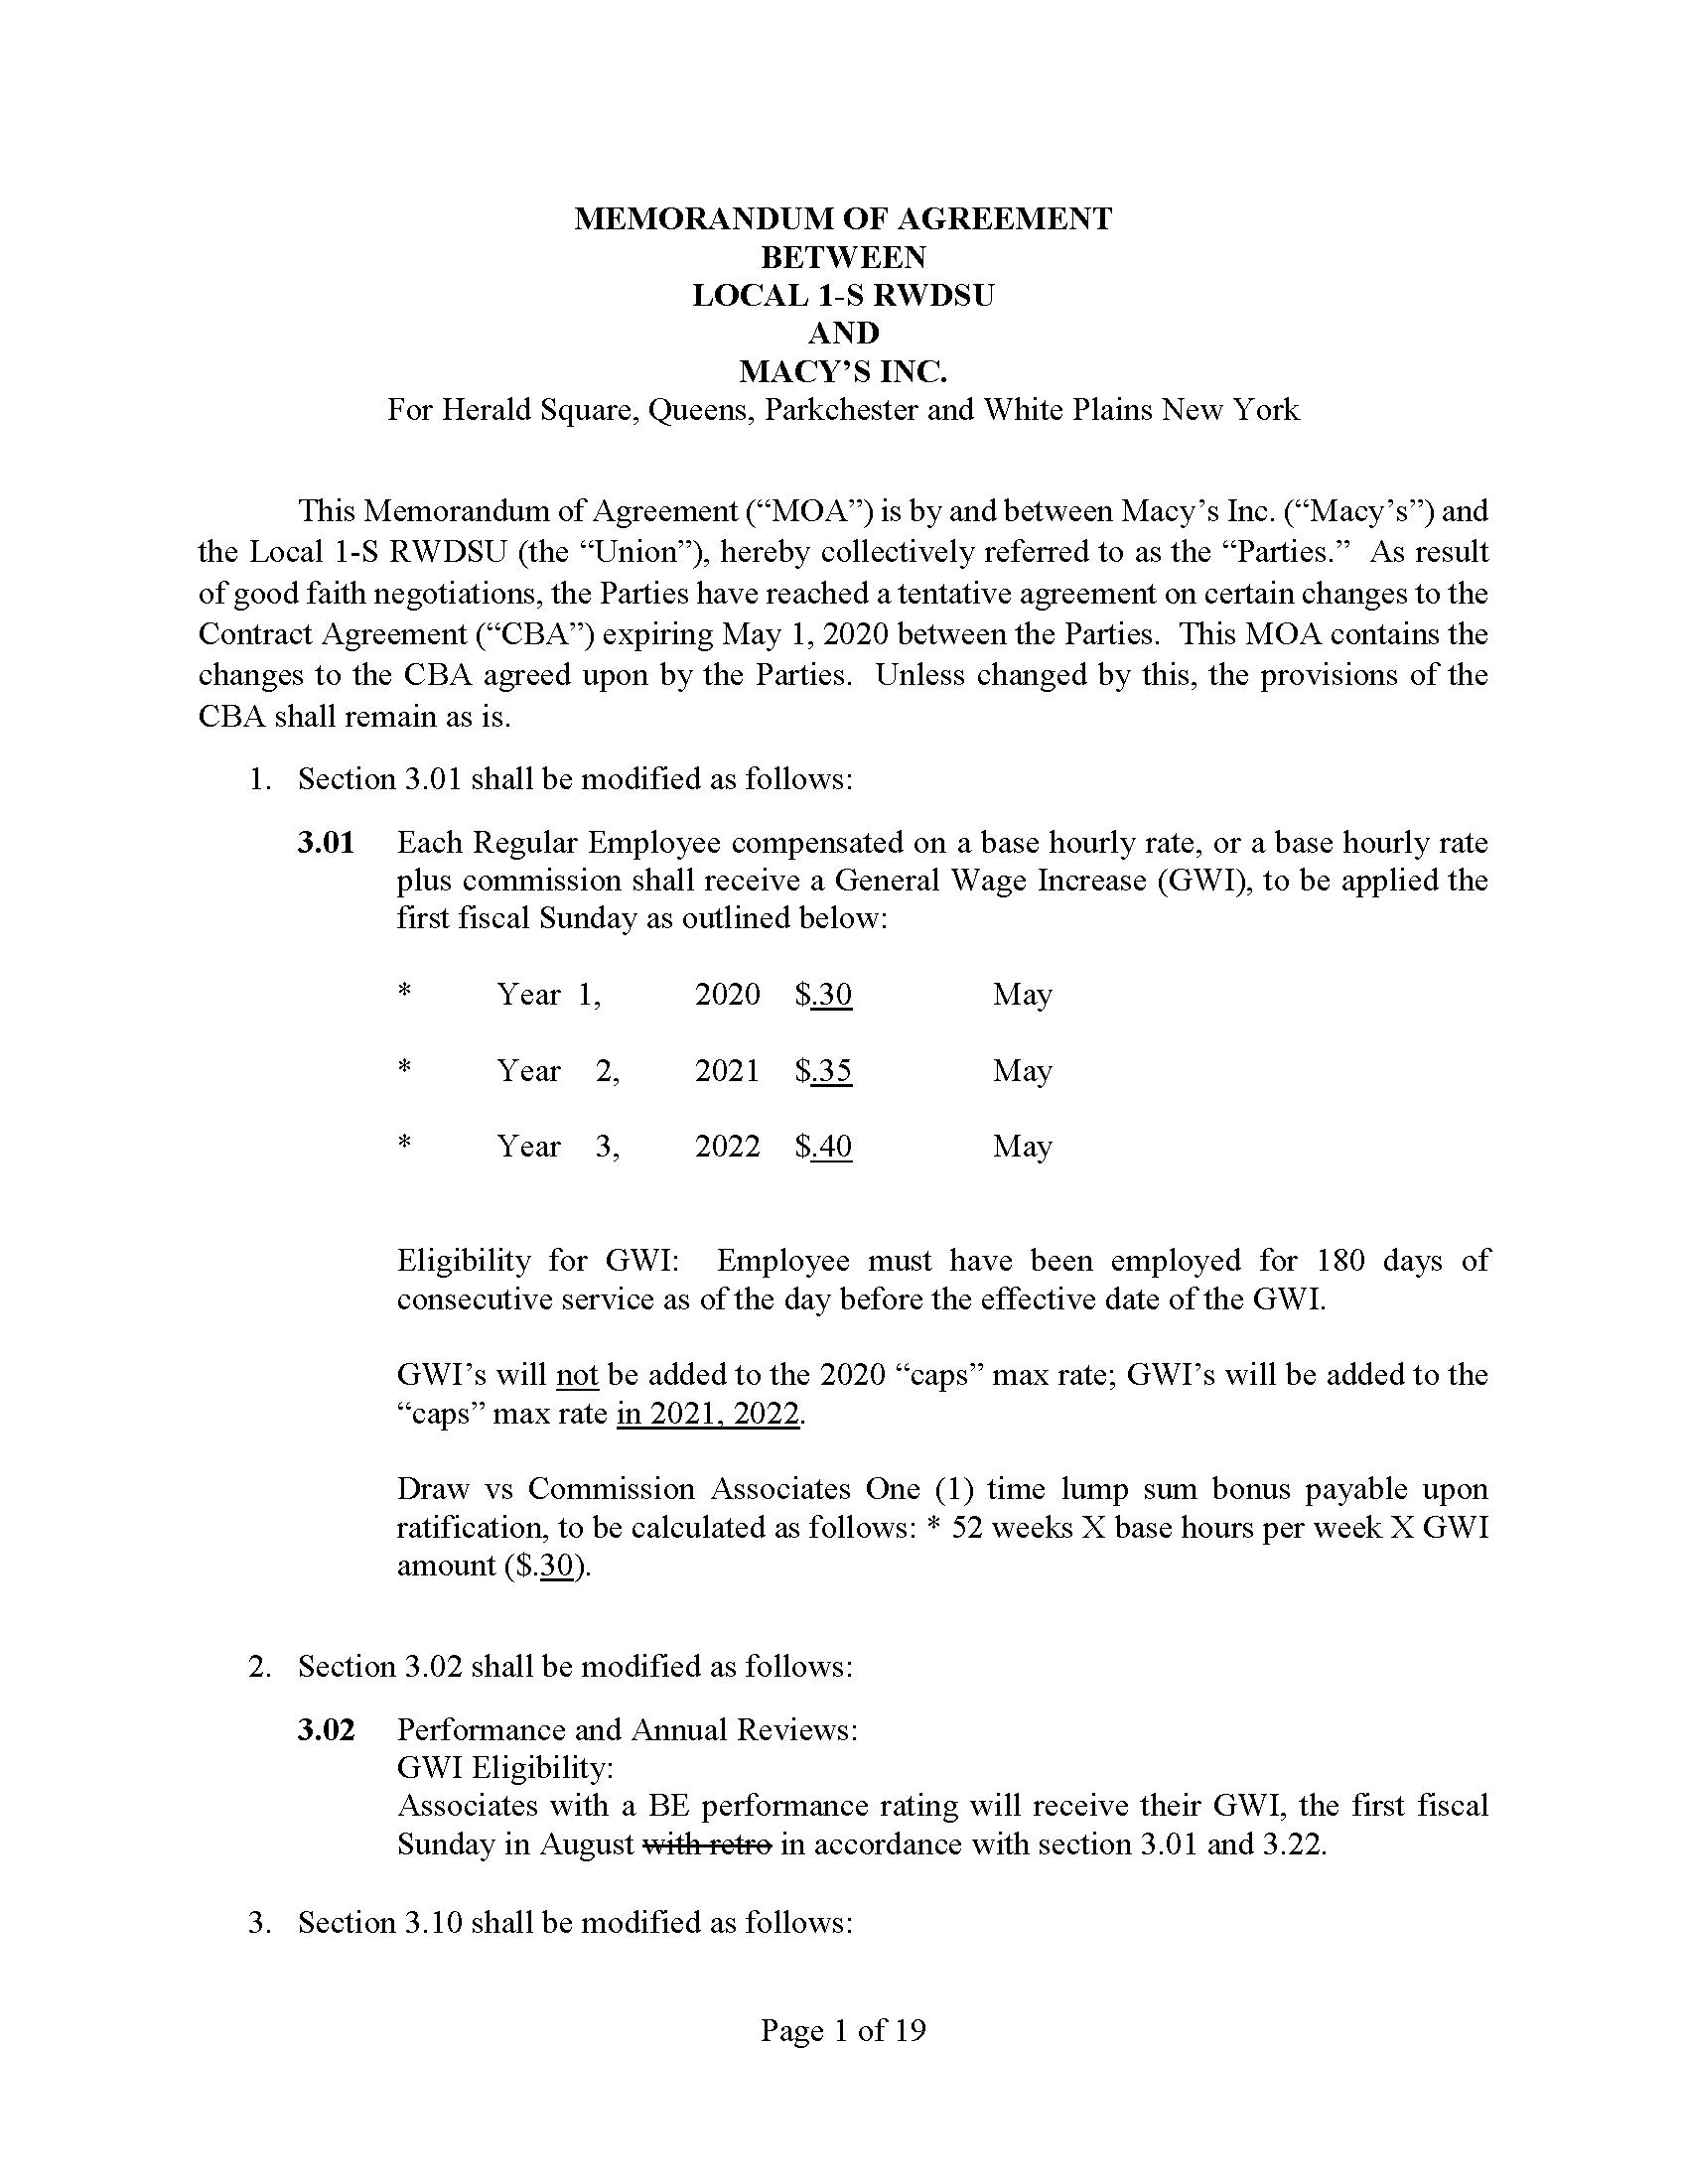 Memorandum_of_Agreement_10484__Page_01.png